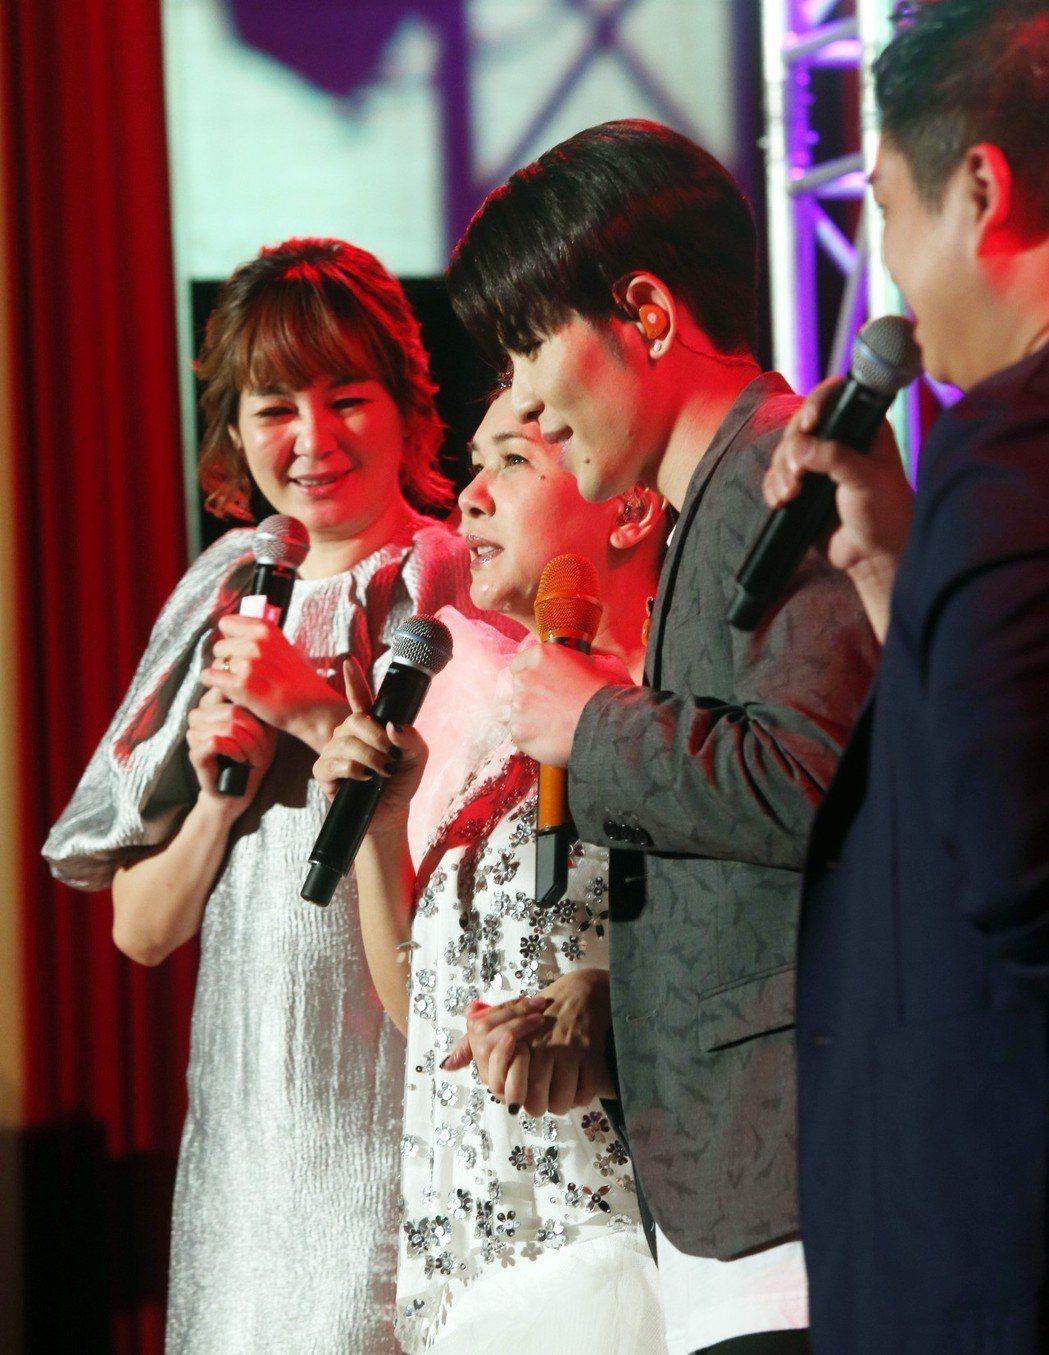 臺北國際護師節晚會今天在台北振興醫院舉行,藝人張清芳.、蕭敬騰為辛苦的醫護人員獻...